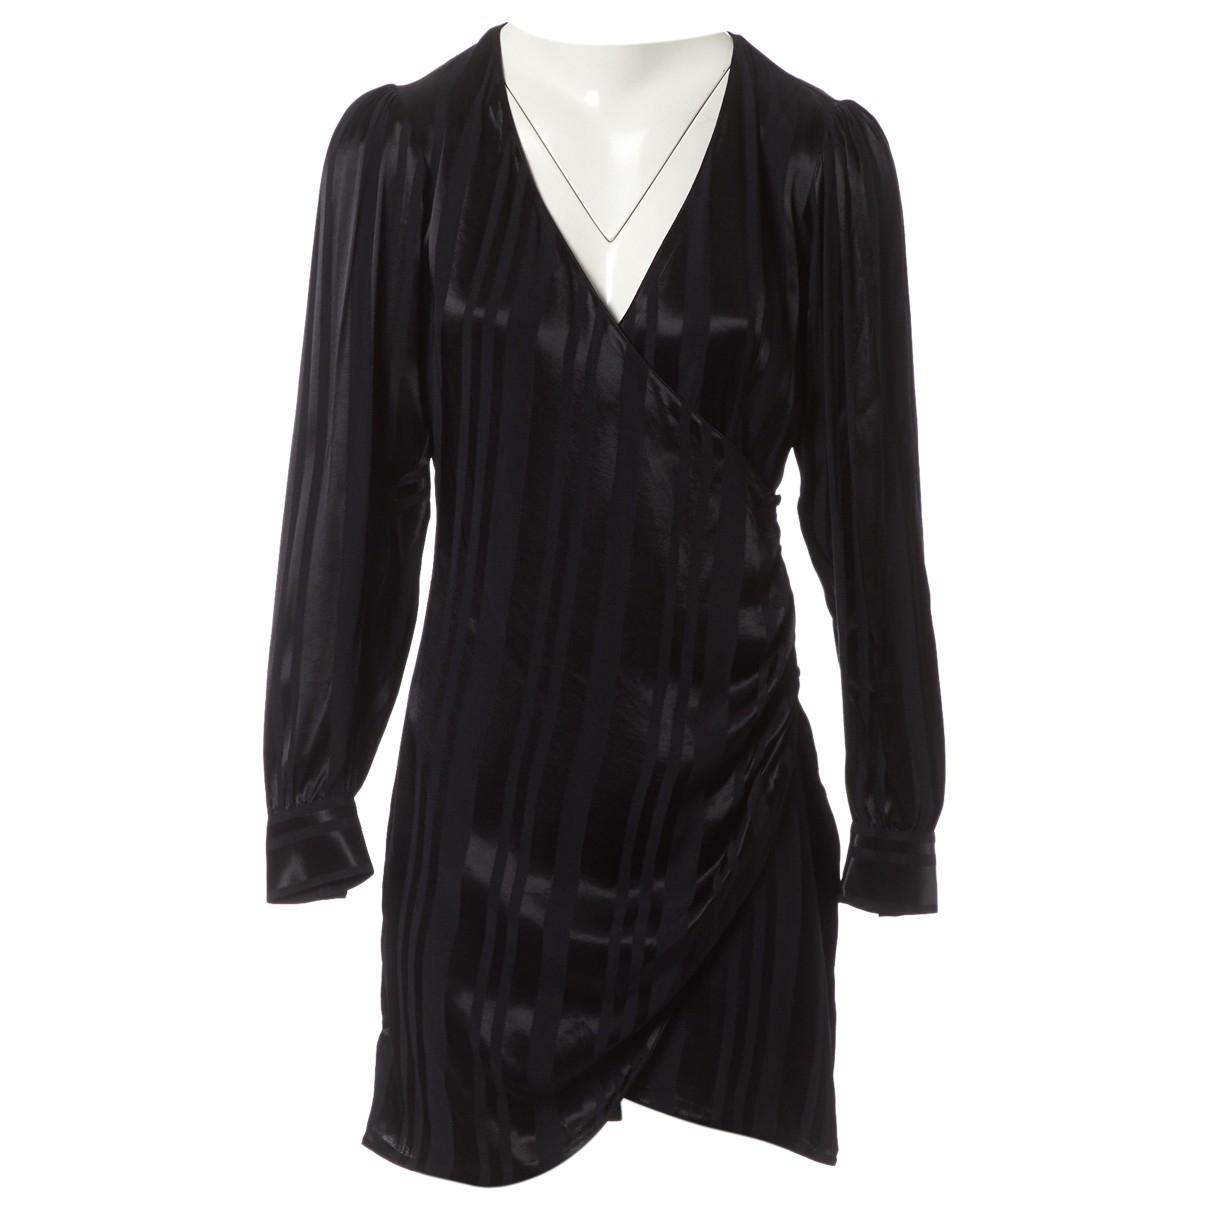 Anine Bing \N Kleid in  Schwarz Viskose